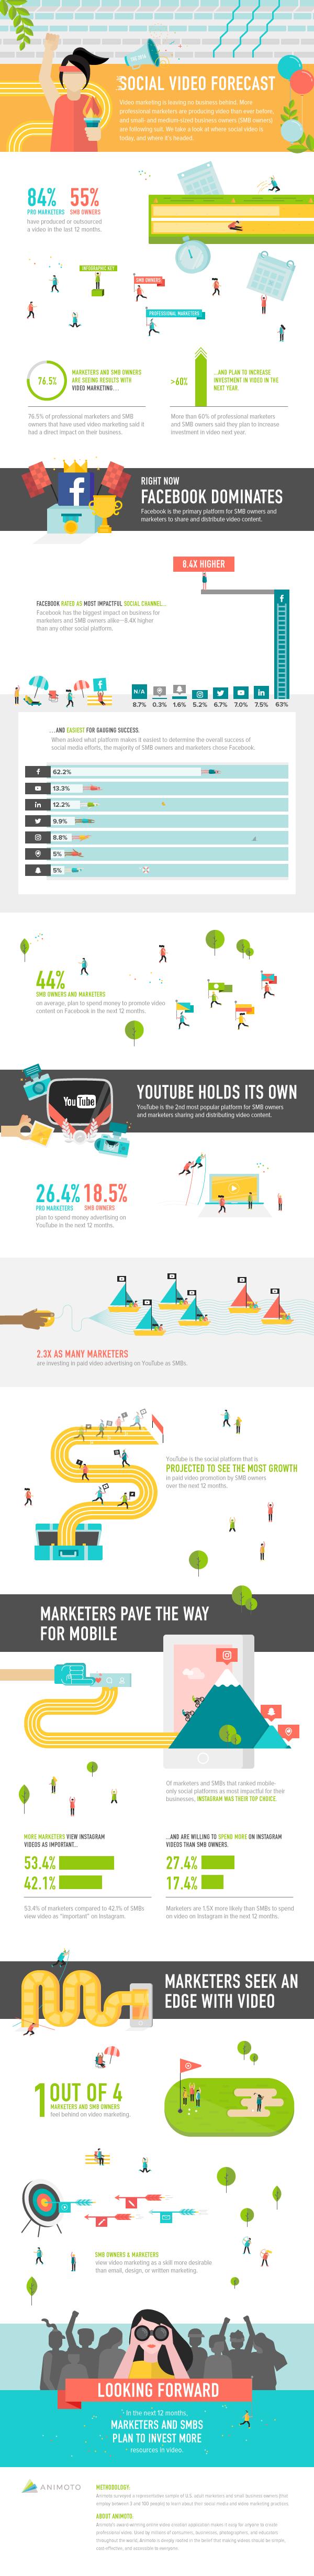 infographie-videos-reseaux-sociaux